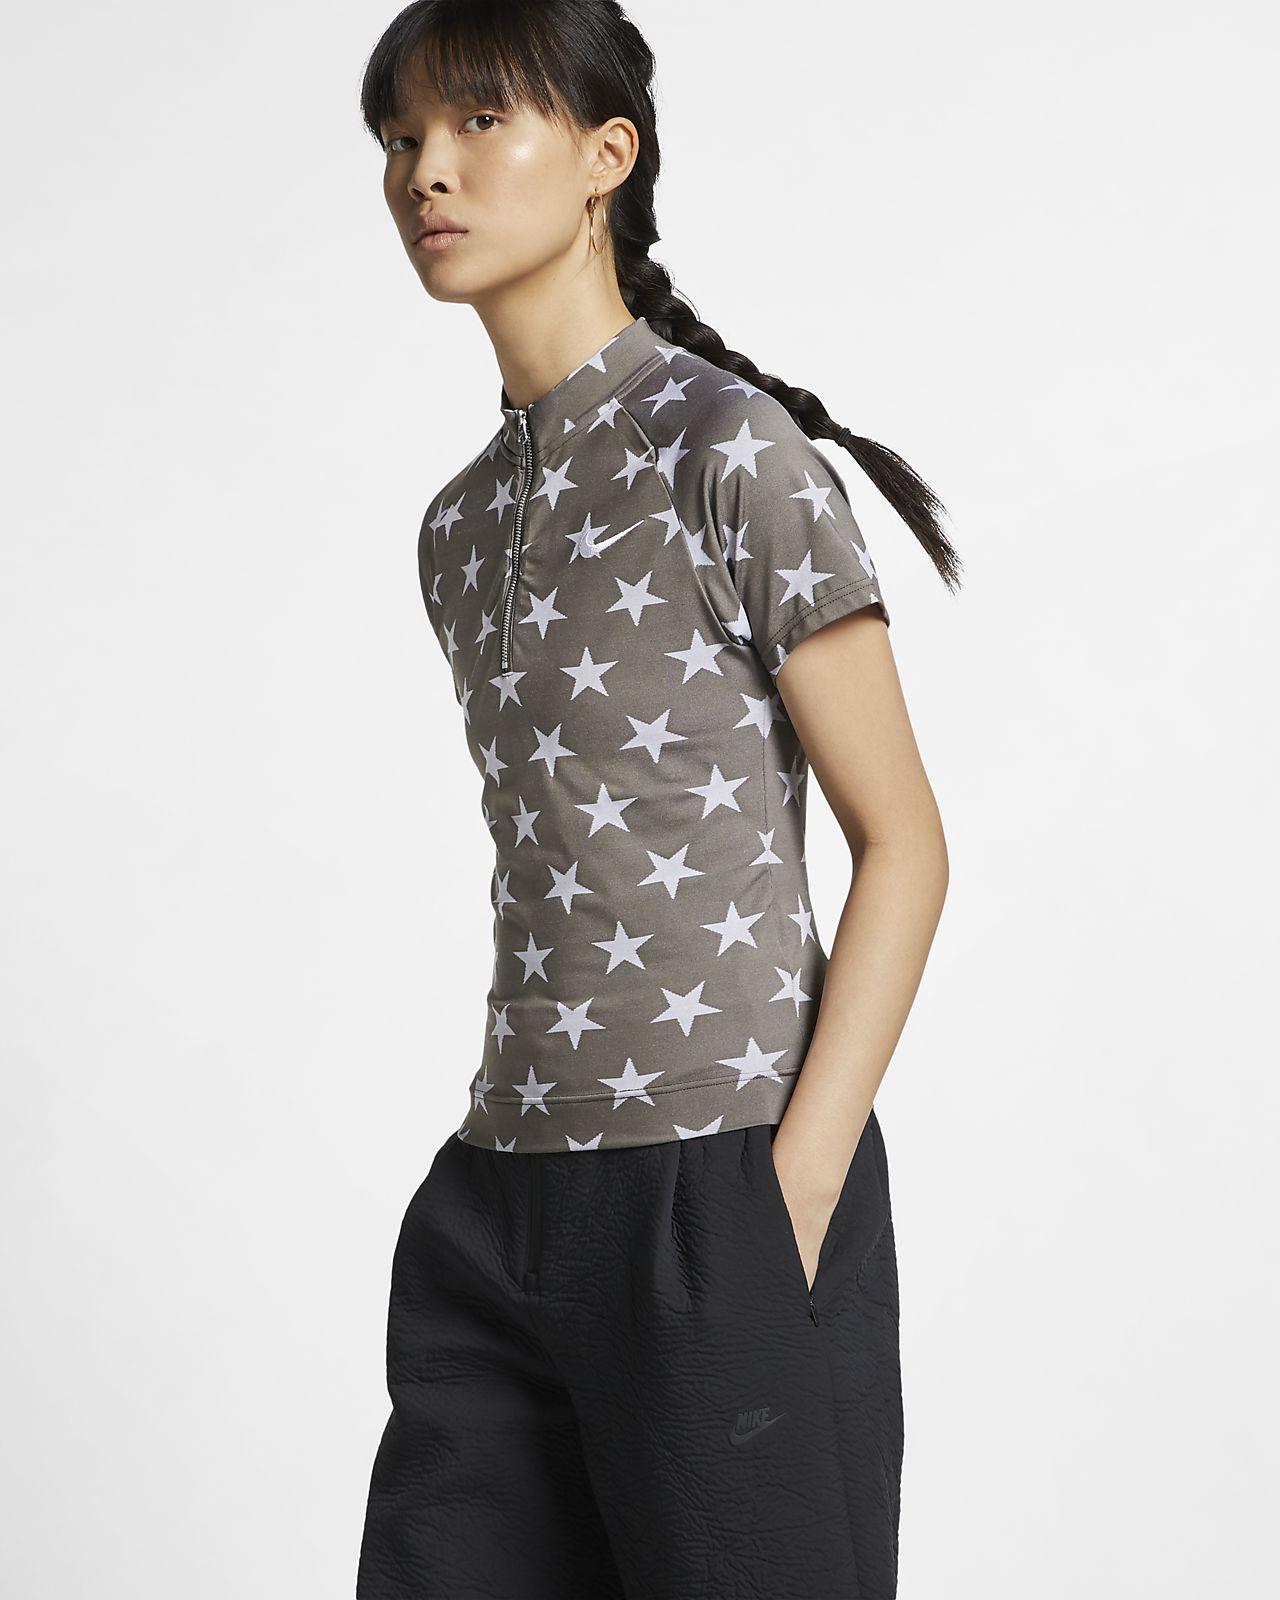 NikeLab Collection Women's 1/4-Zip Top